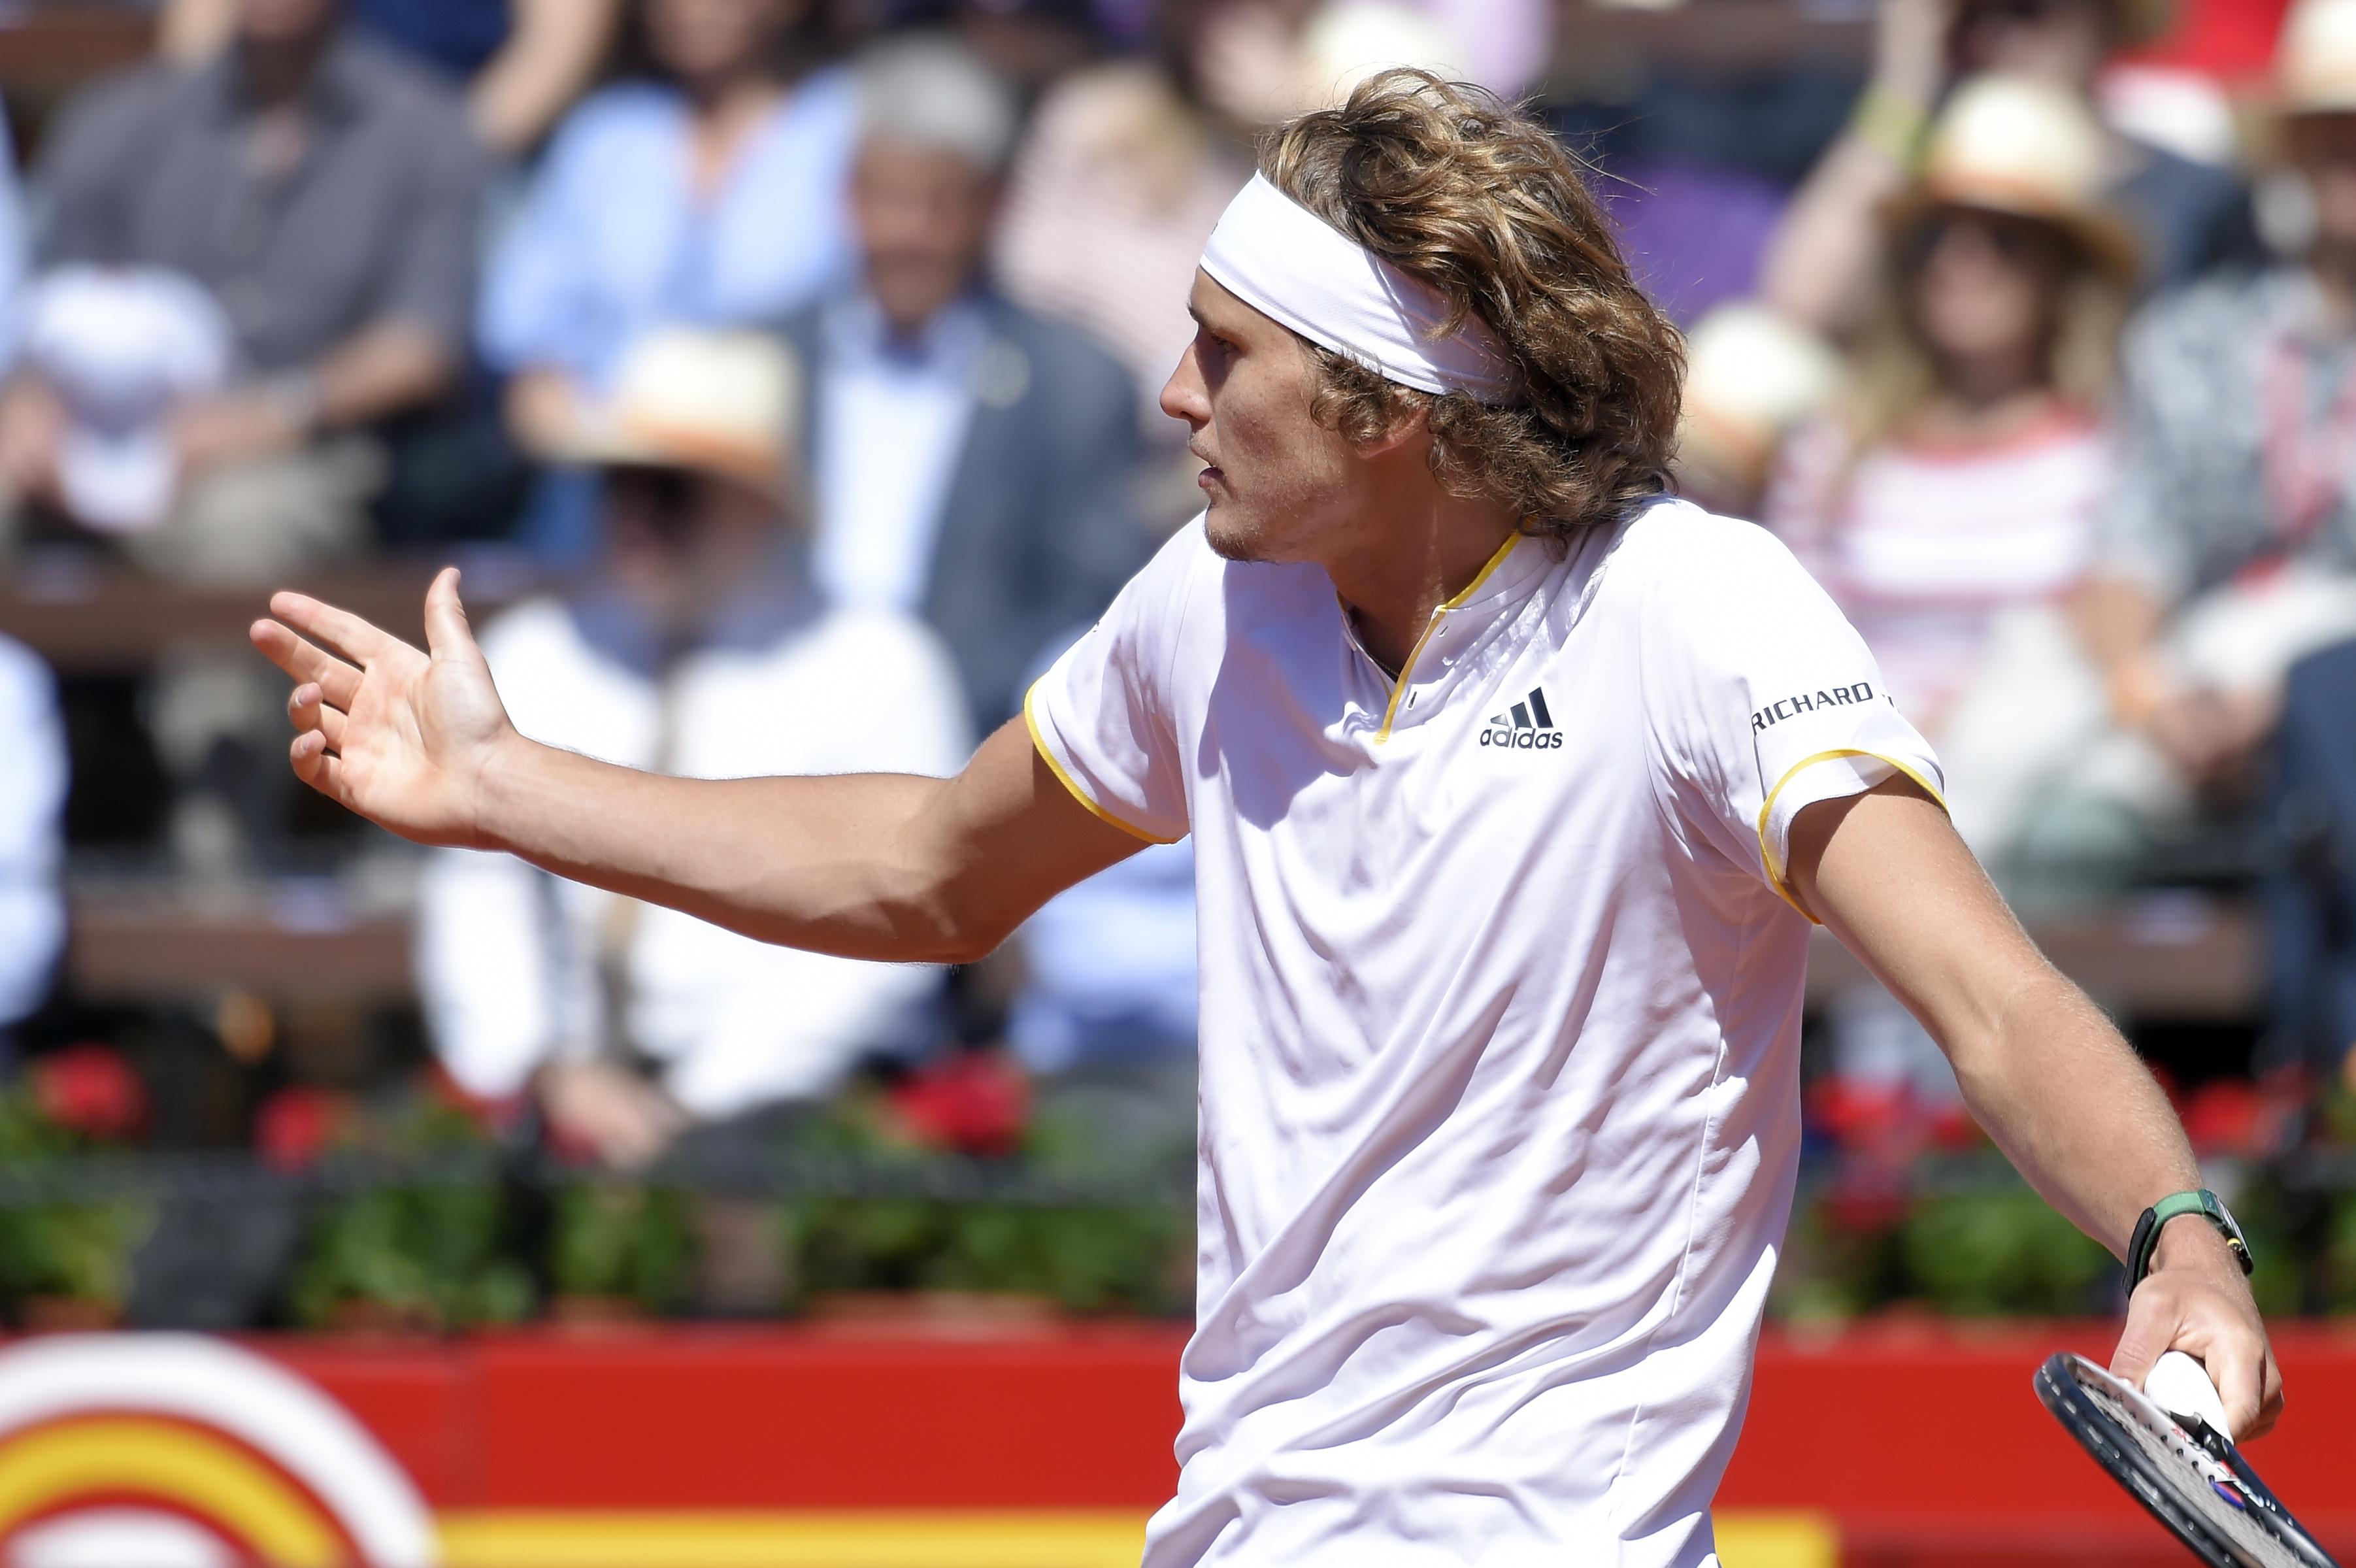 Alexander Zverev war im Davis Cup-Viertelfinale gegen Rafael Nadal nicht in der Lage, nahezu chancenlos.